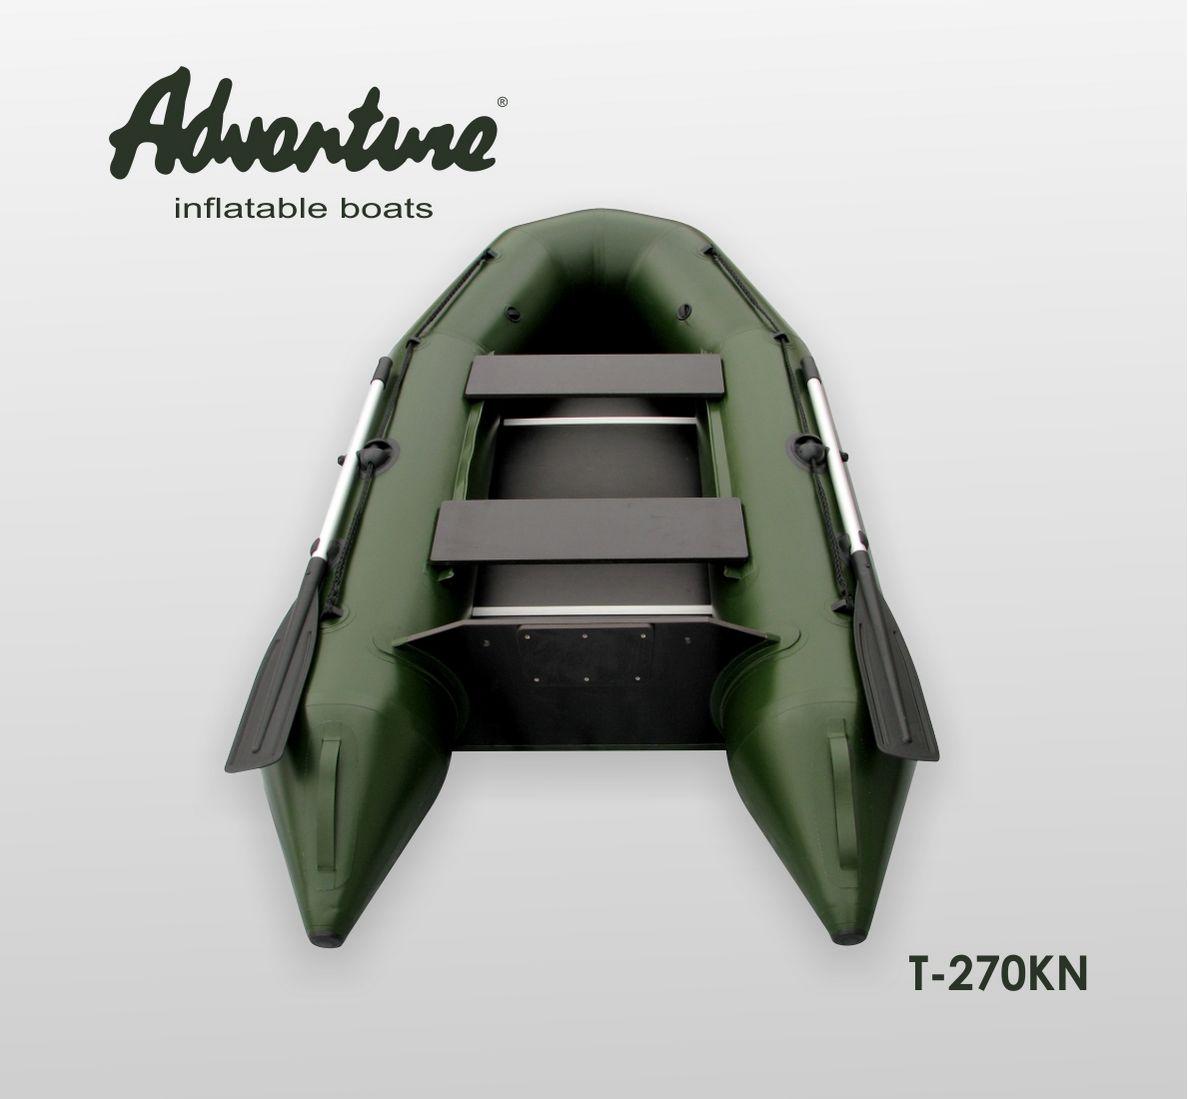 Надувная лодка Adventure T-270KN - фото 2